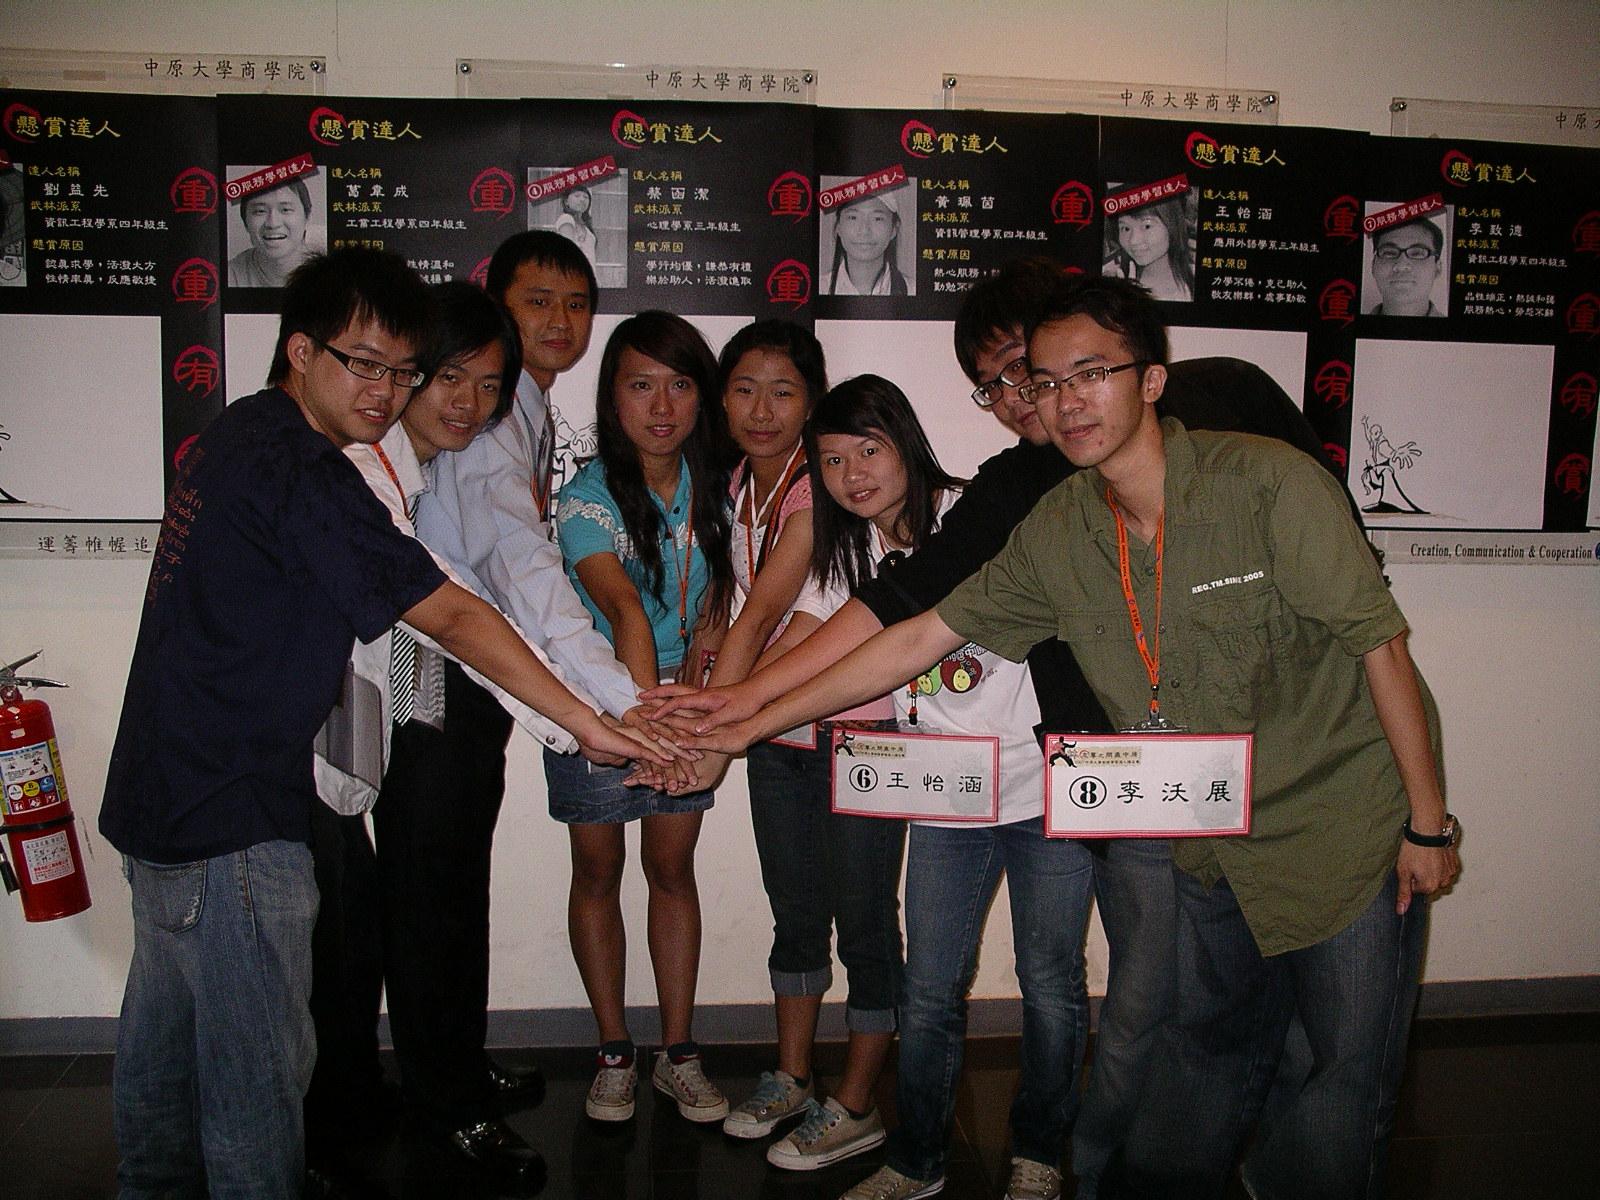 中原大學舉辦擂台賽 選拔服務學習達人